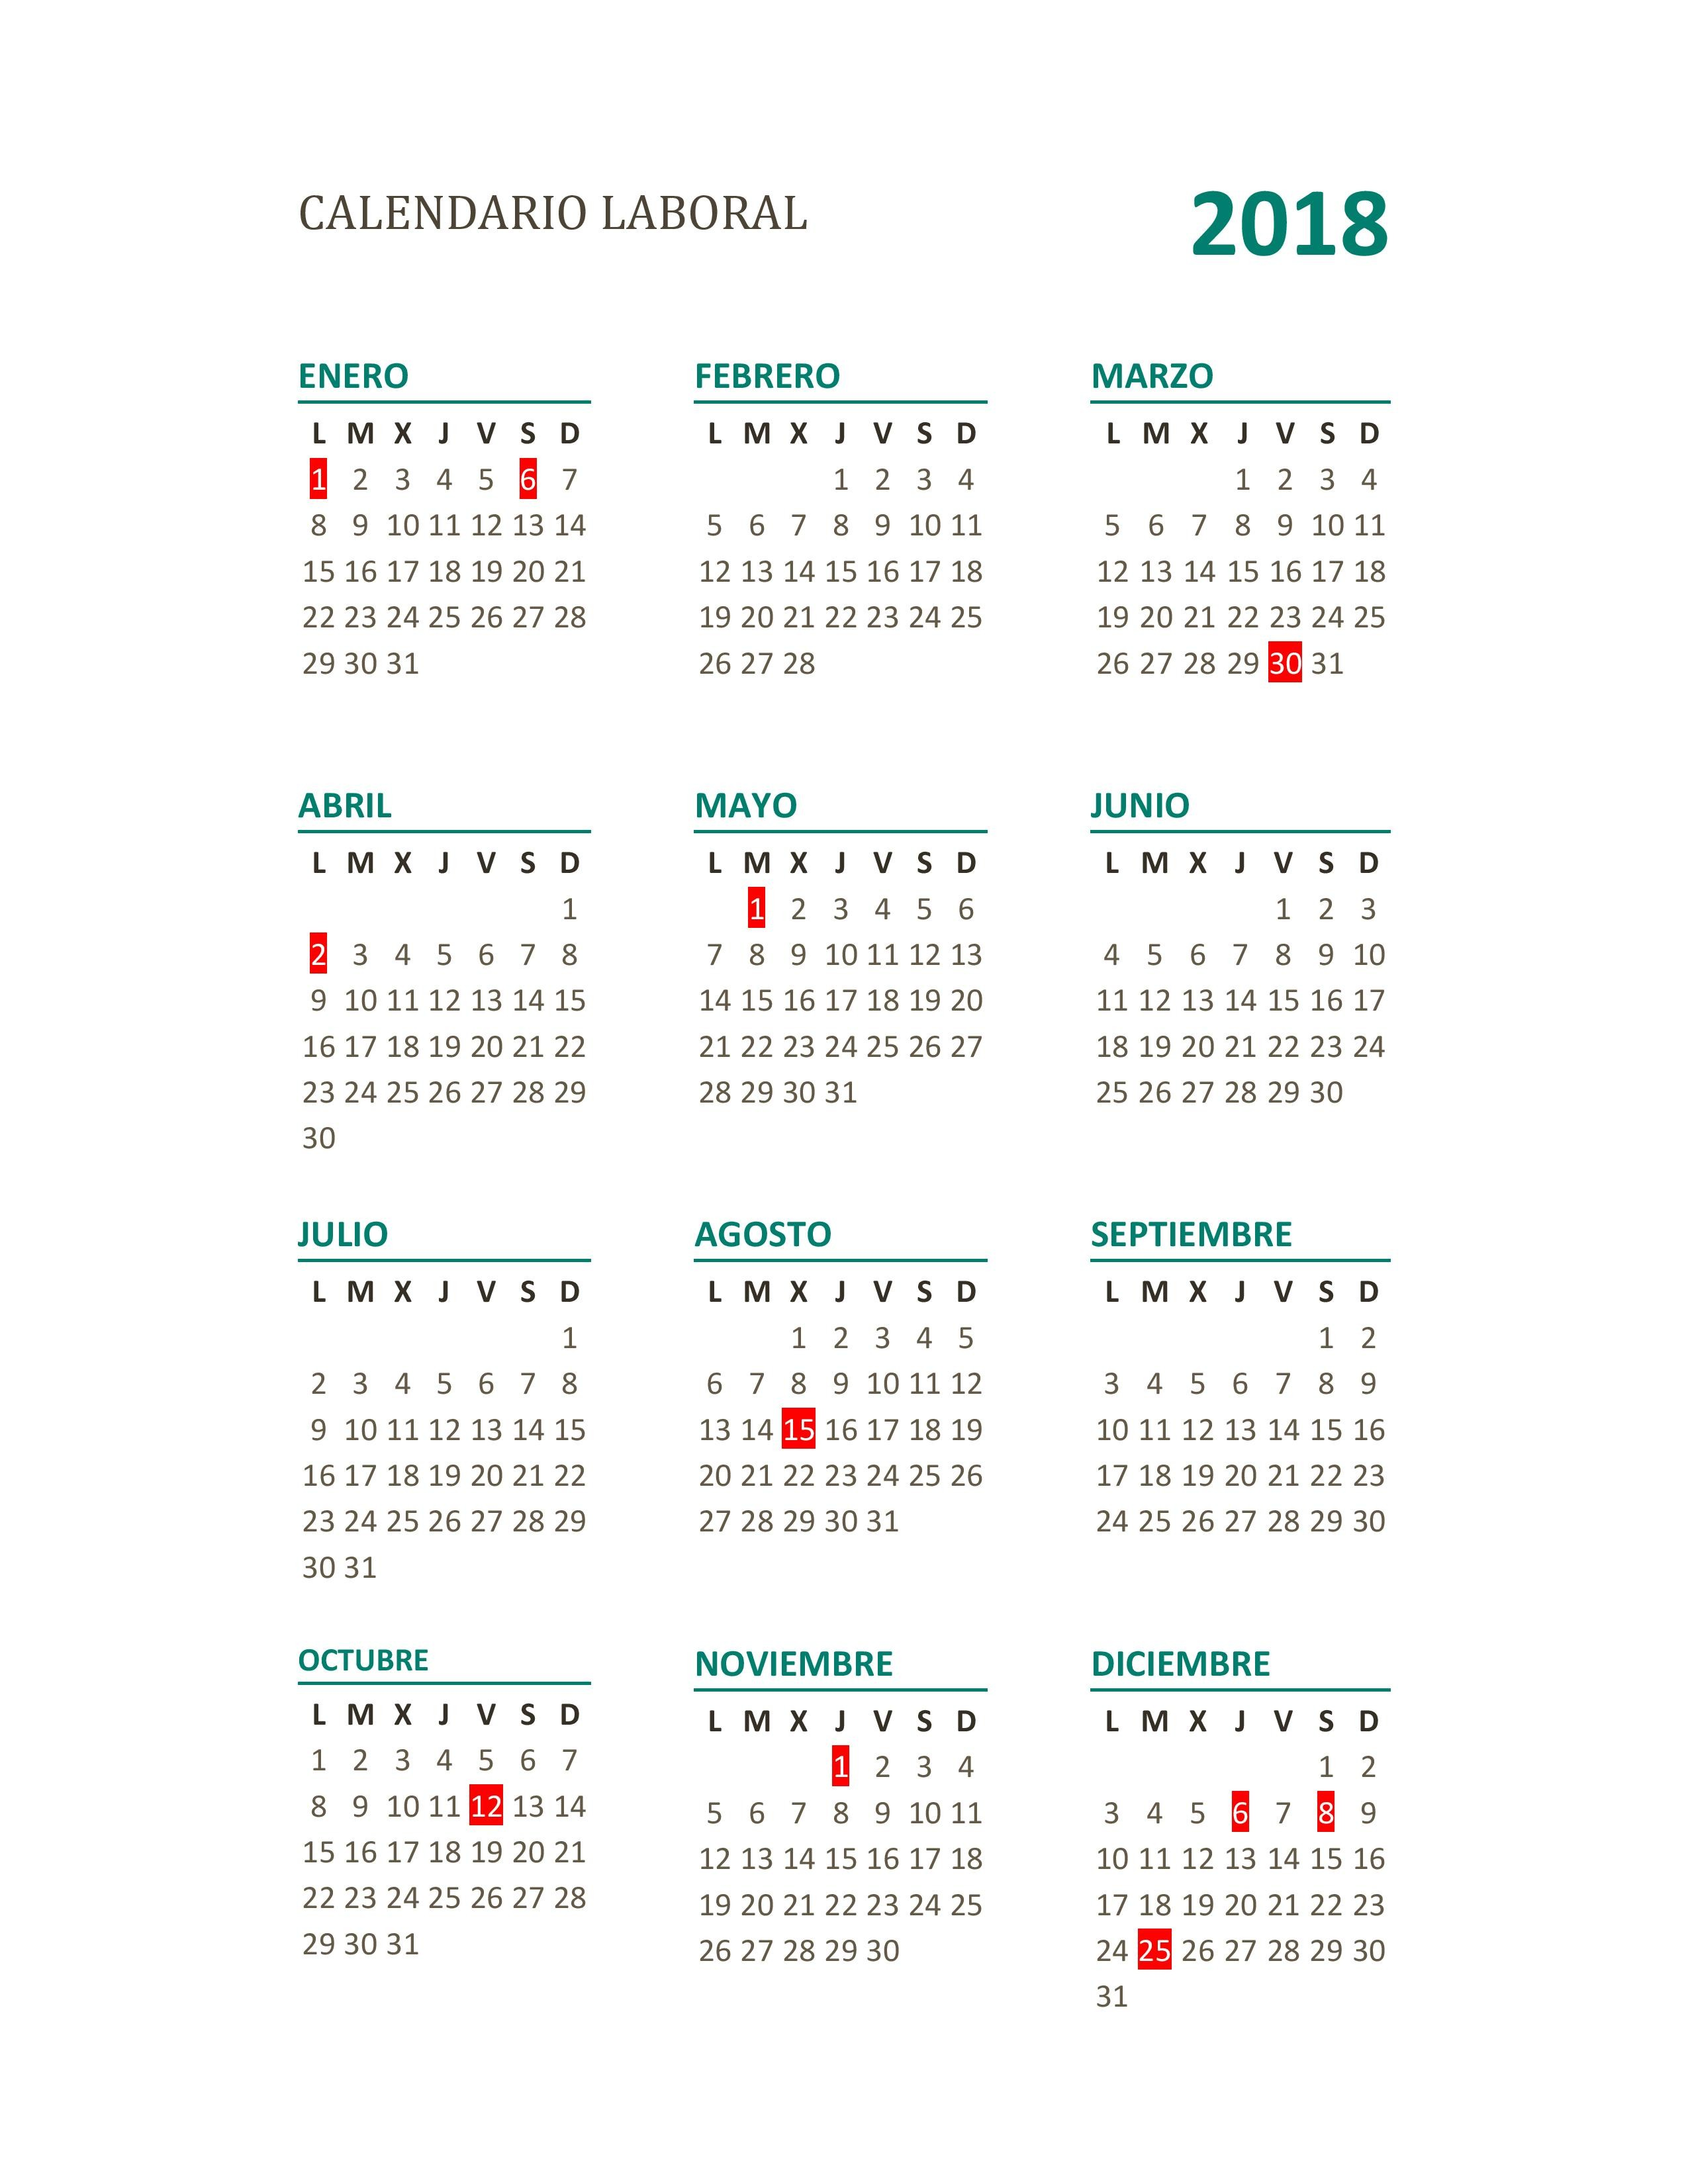 Calendario Net Imprimir 2019 Actual Calendario Laboral 2018 Más De 200 Plantillas Para Imprimir Y Descargar